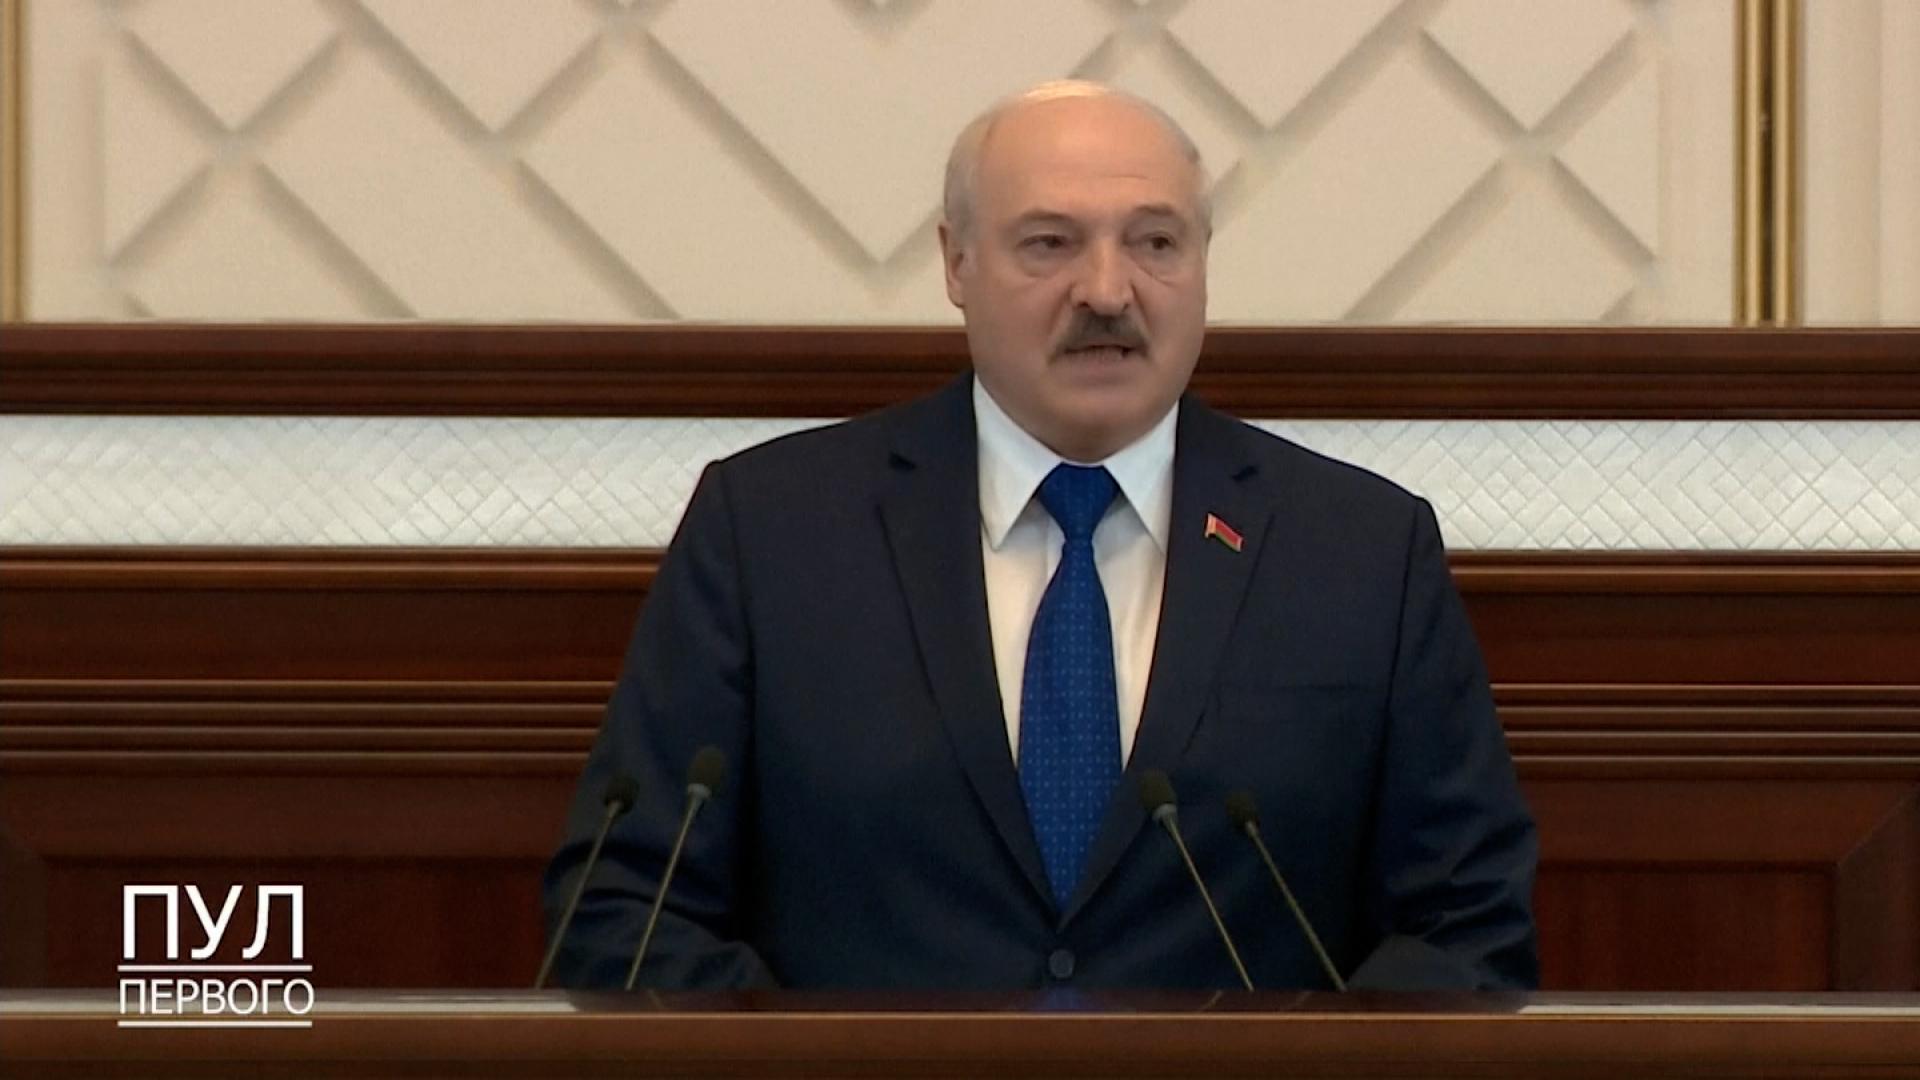 EE.UU., Canadá, la UE y el Reino Unido impusieron sanciones a Belarús por el arresto de periodistas y la «continua represión»